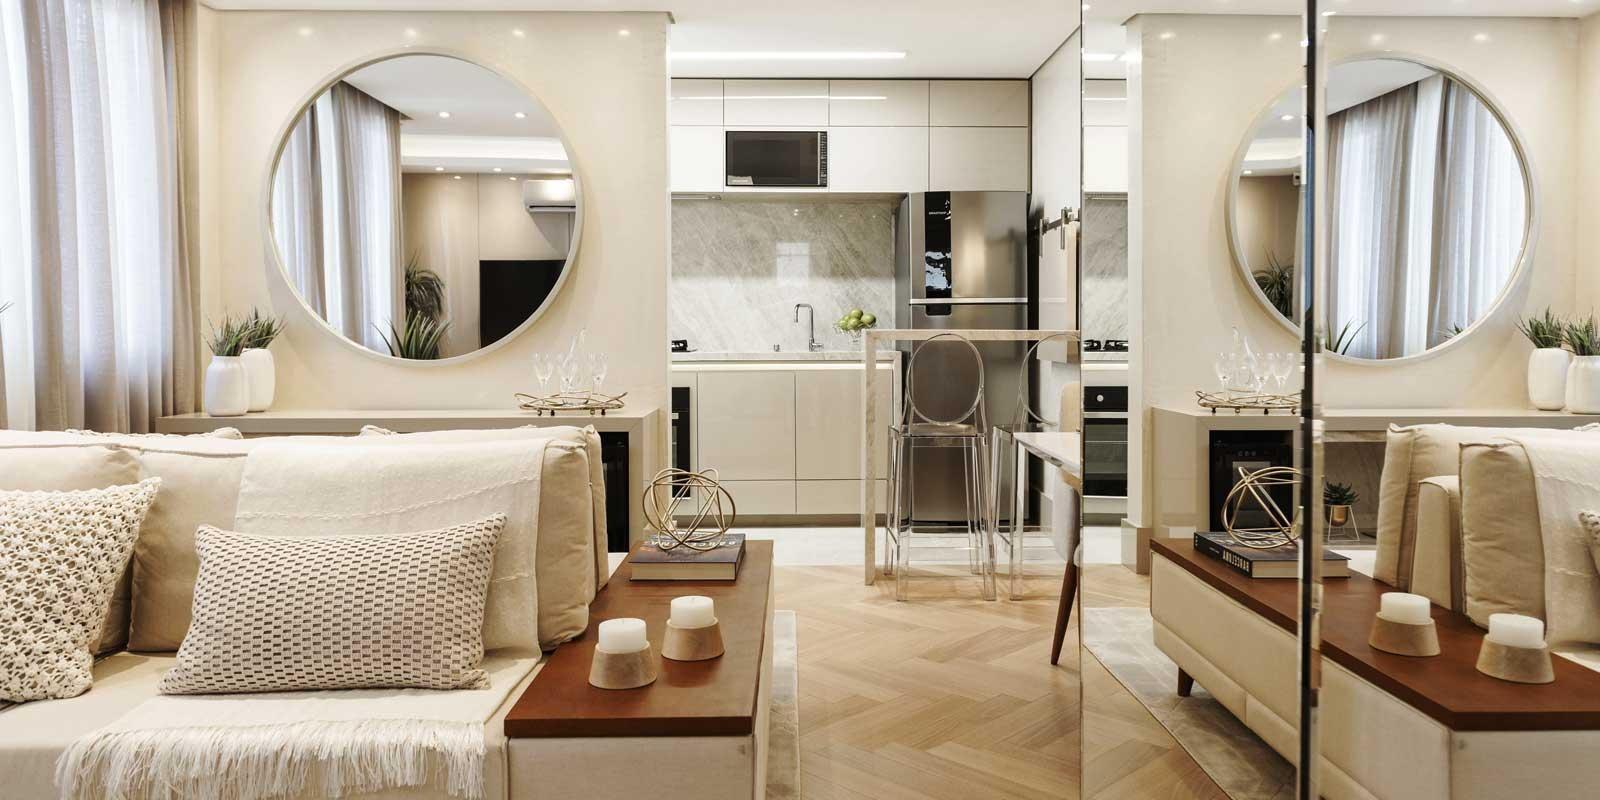 TPS Imóveis - Veja Foto 20 de 32 do Apartamentos de 2 e 3 dormitórios com suíte